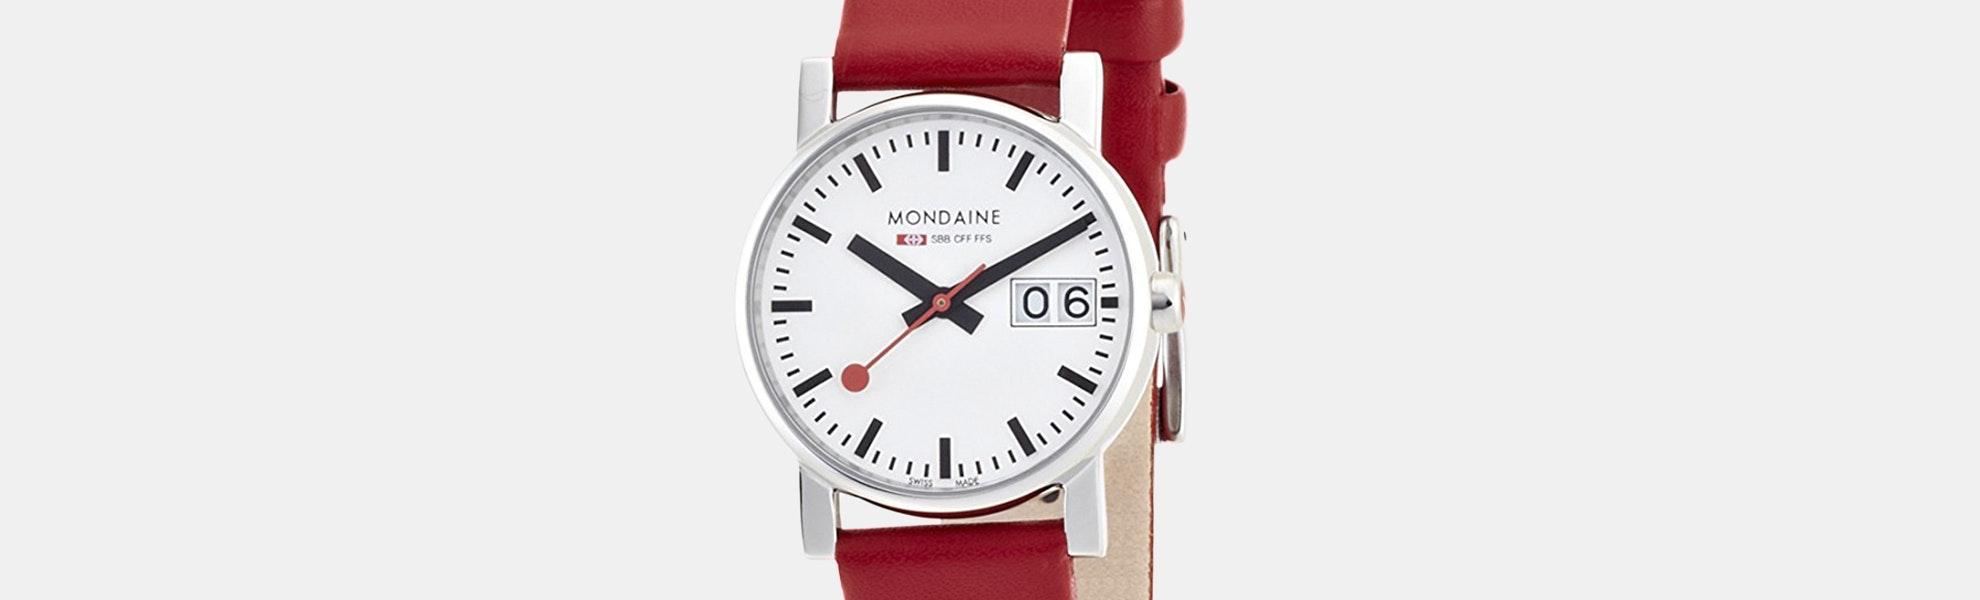 Mondaine Evo Big Date Quartz Ladies' Watch